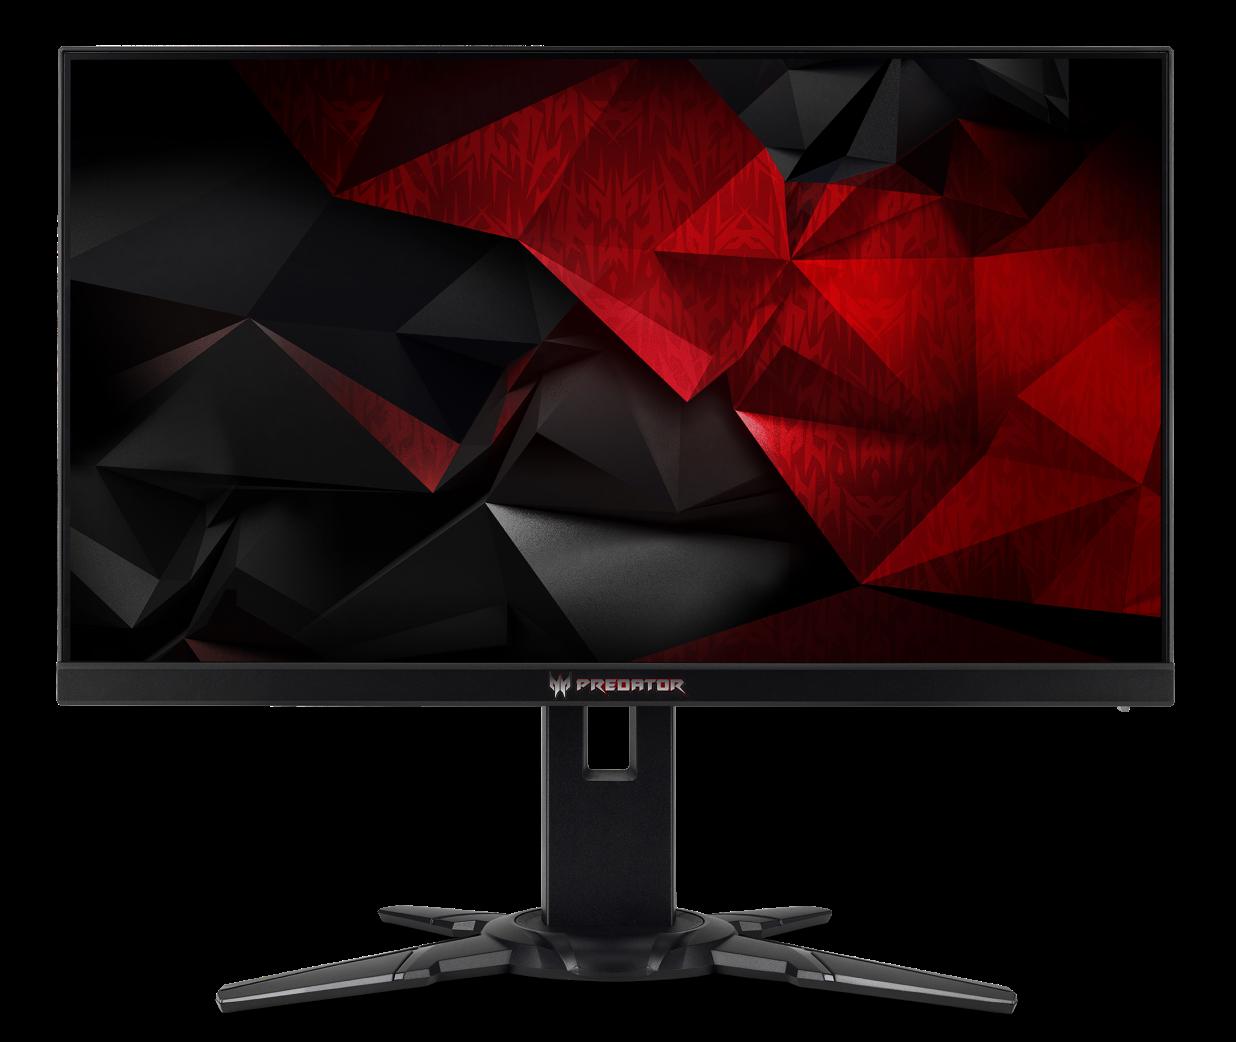 """24,5"""" LCD Acer Predator XB252Q - TN,FullHD,1ms,240Hz,400cd/m2, 100M:1,16:9,HDMI,DP,USB,repro,pivot"""